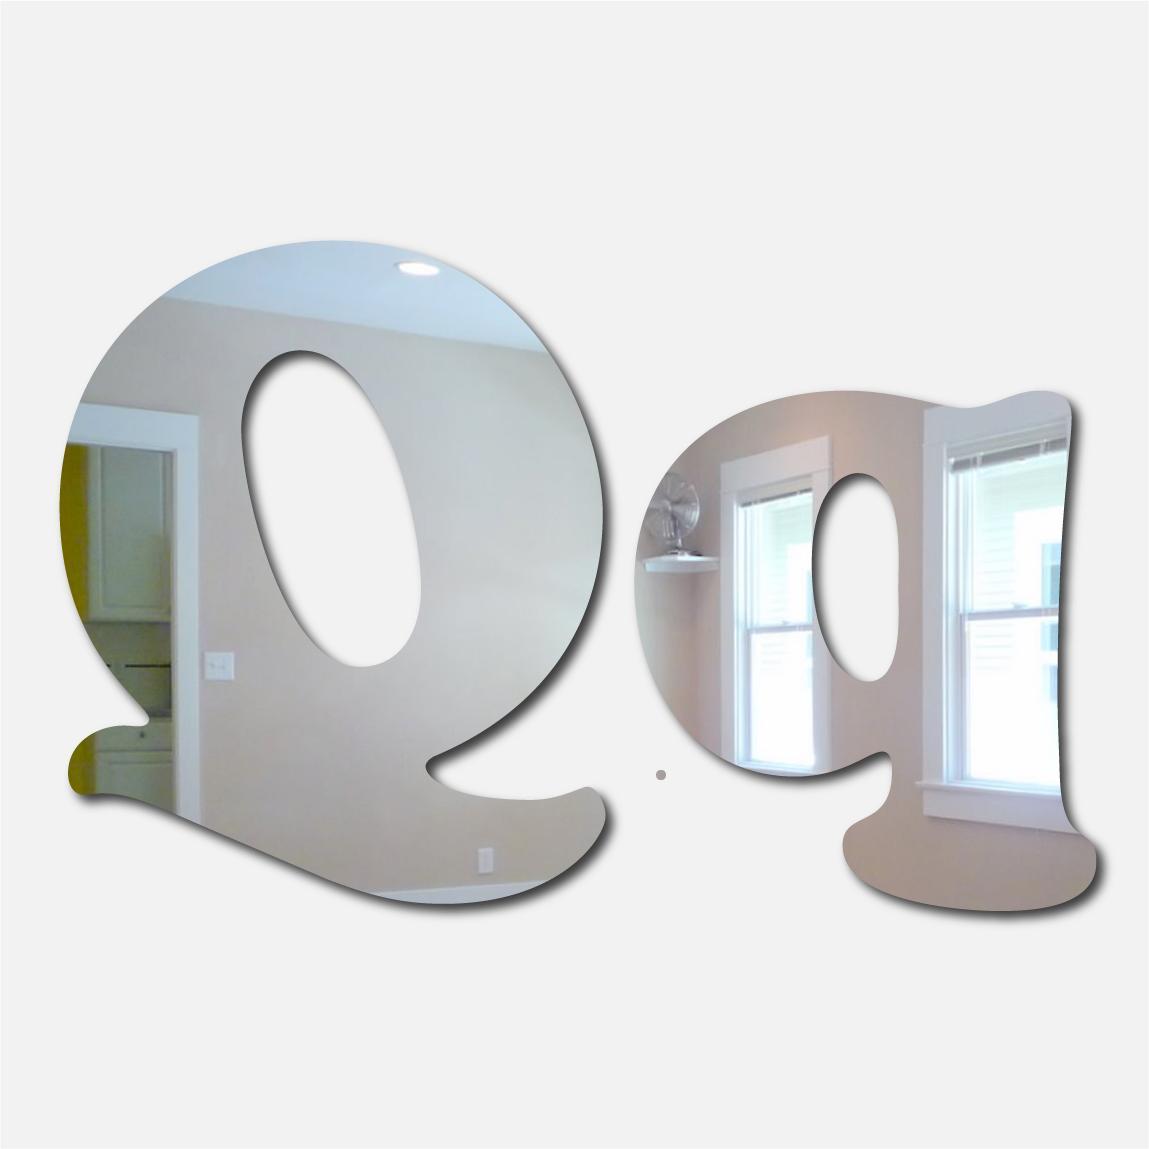 Q Bubble Letter Bubble letter